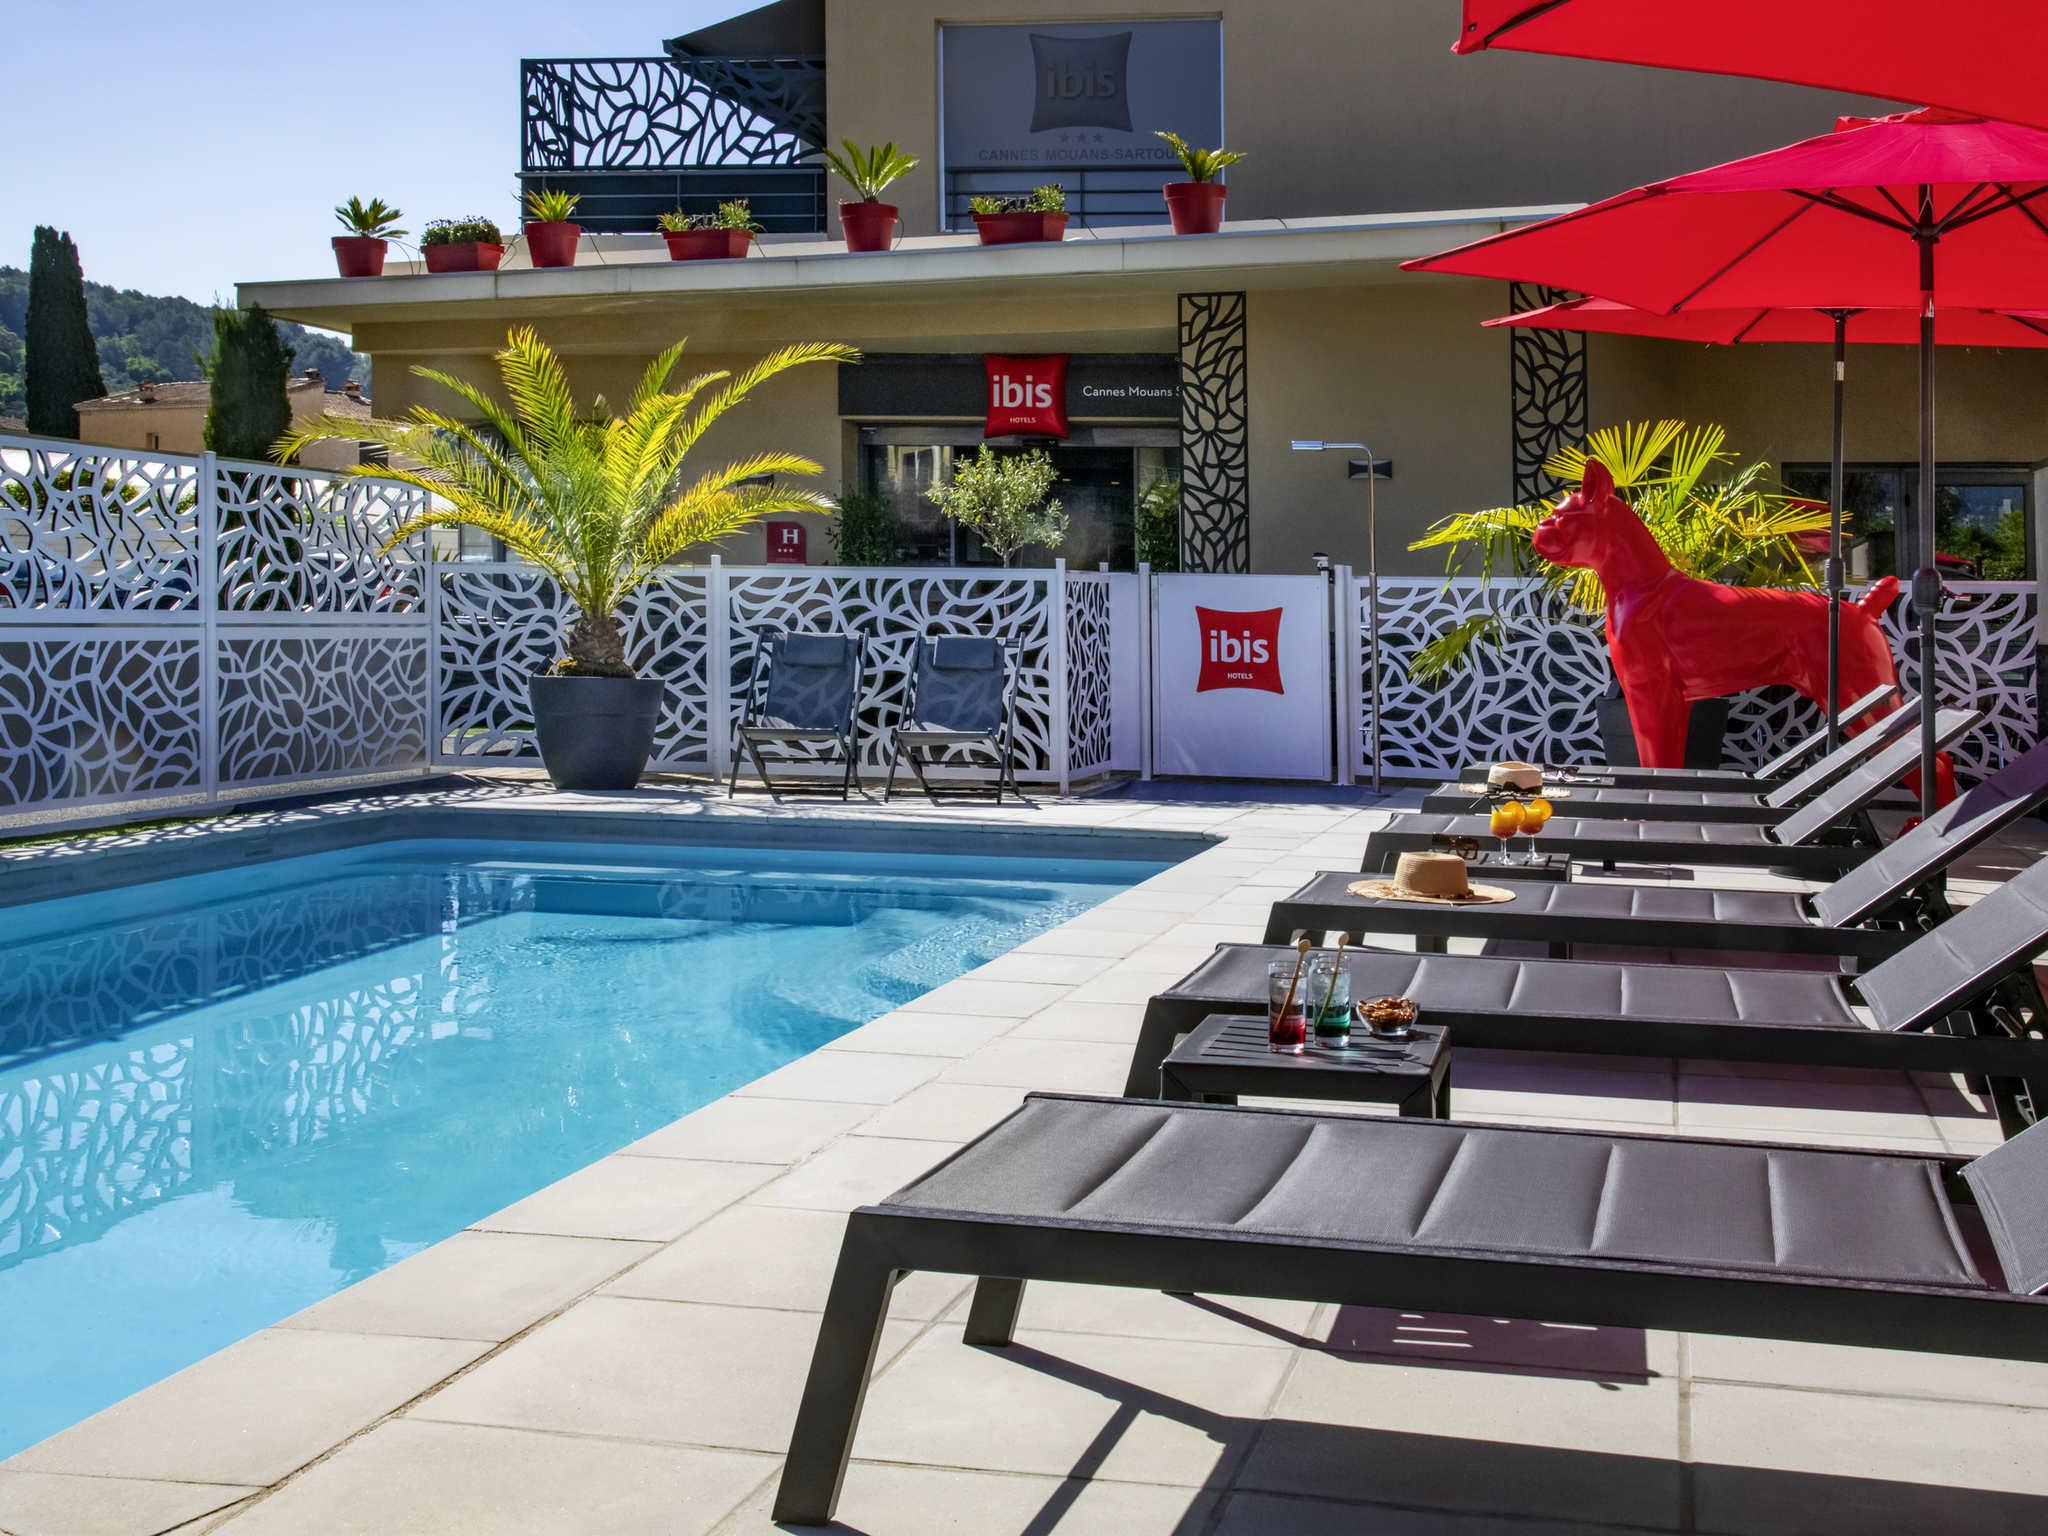 Hotel – ibis Cannes Mouans Sartoux